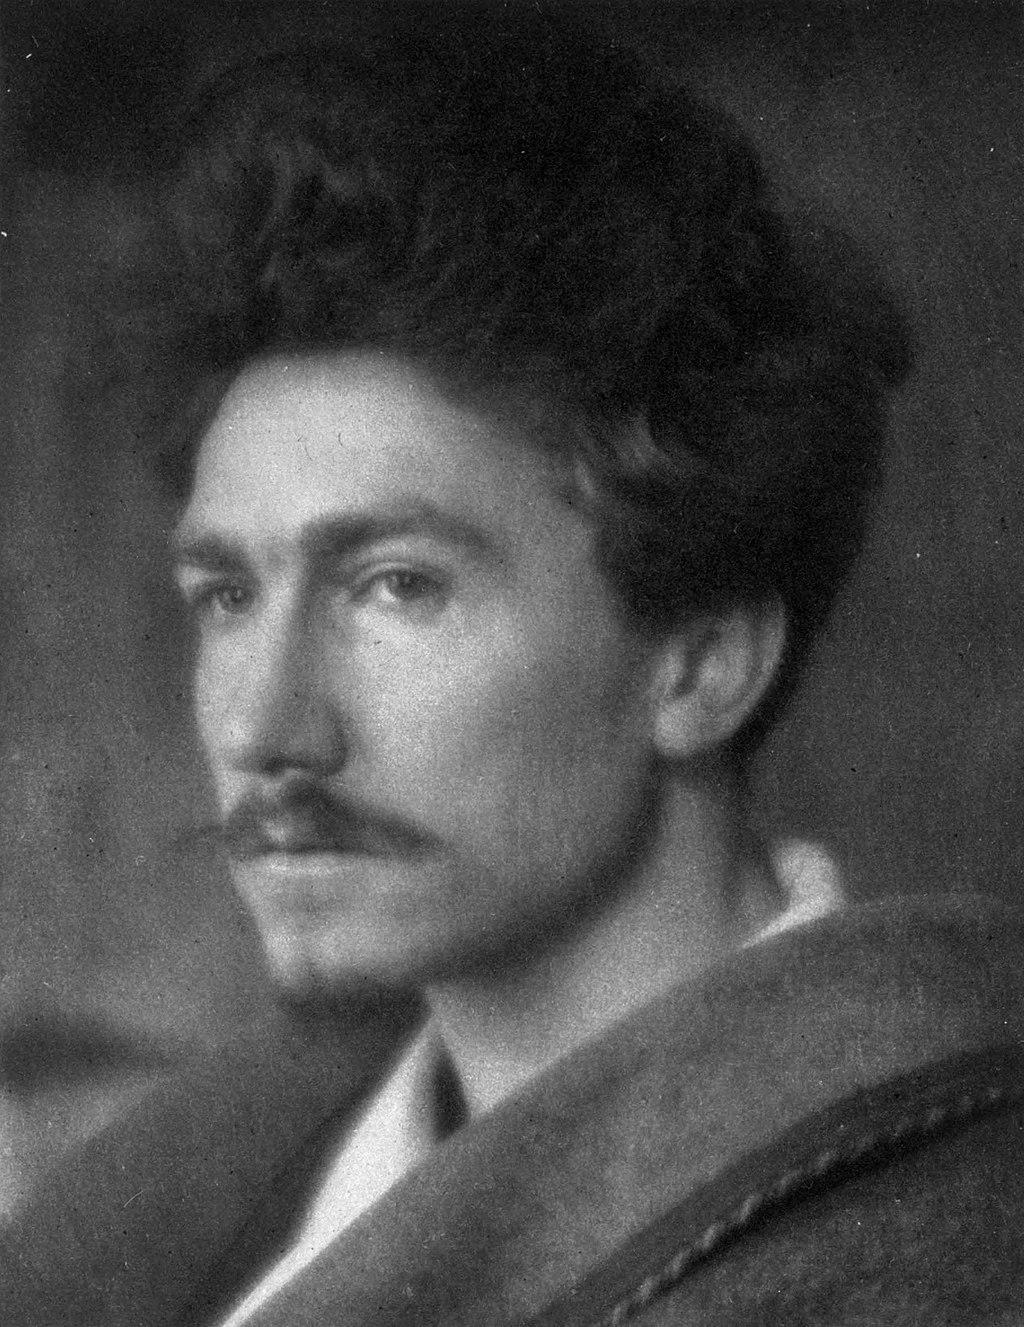 Ezra Pound (1885-1972)